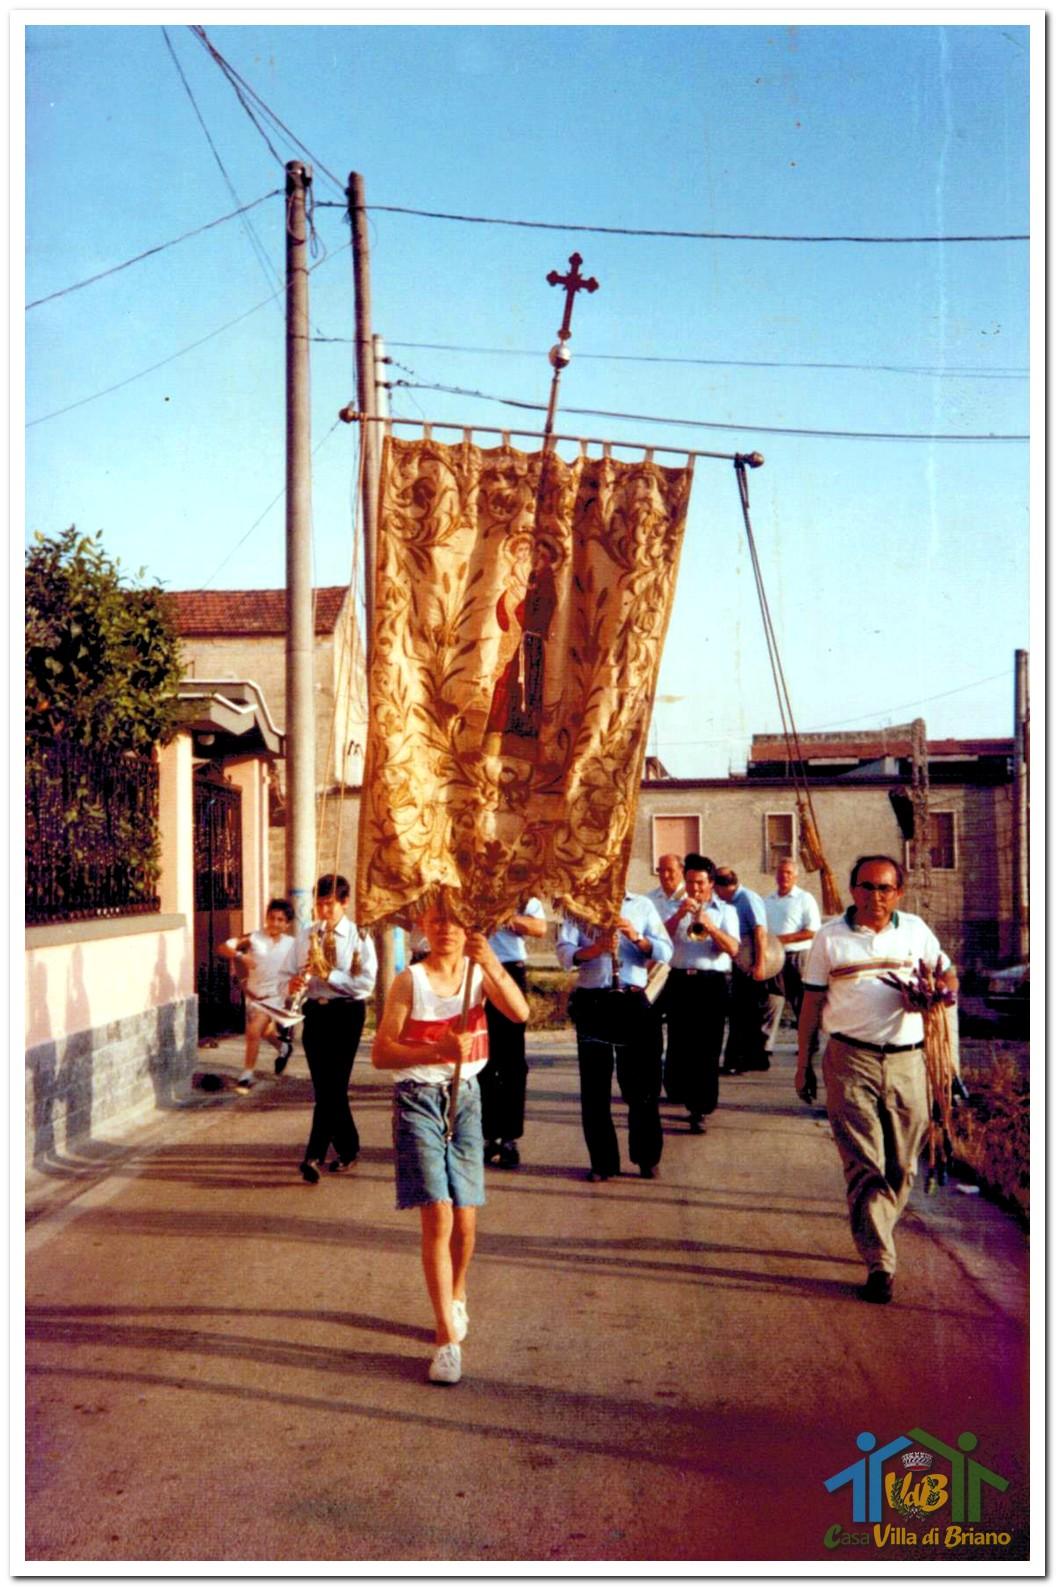 Sant'Antonio_Festa_Villa_di_briano_1989_94